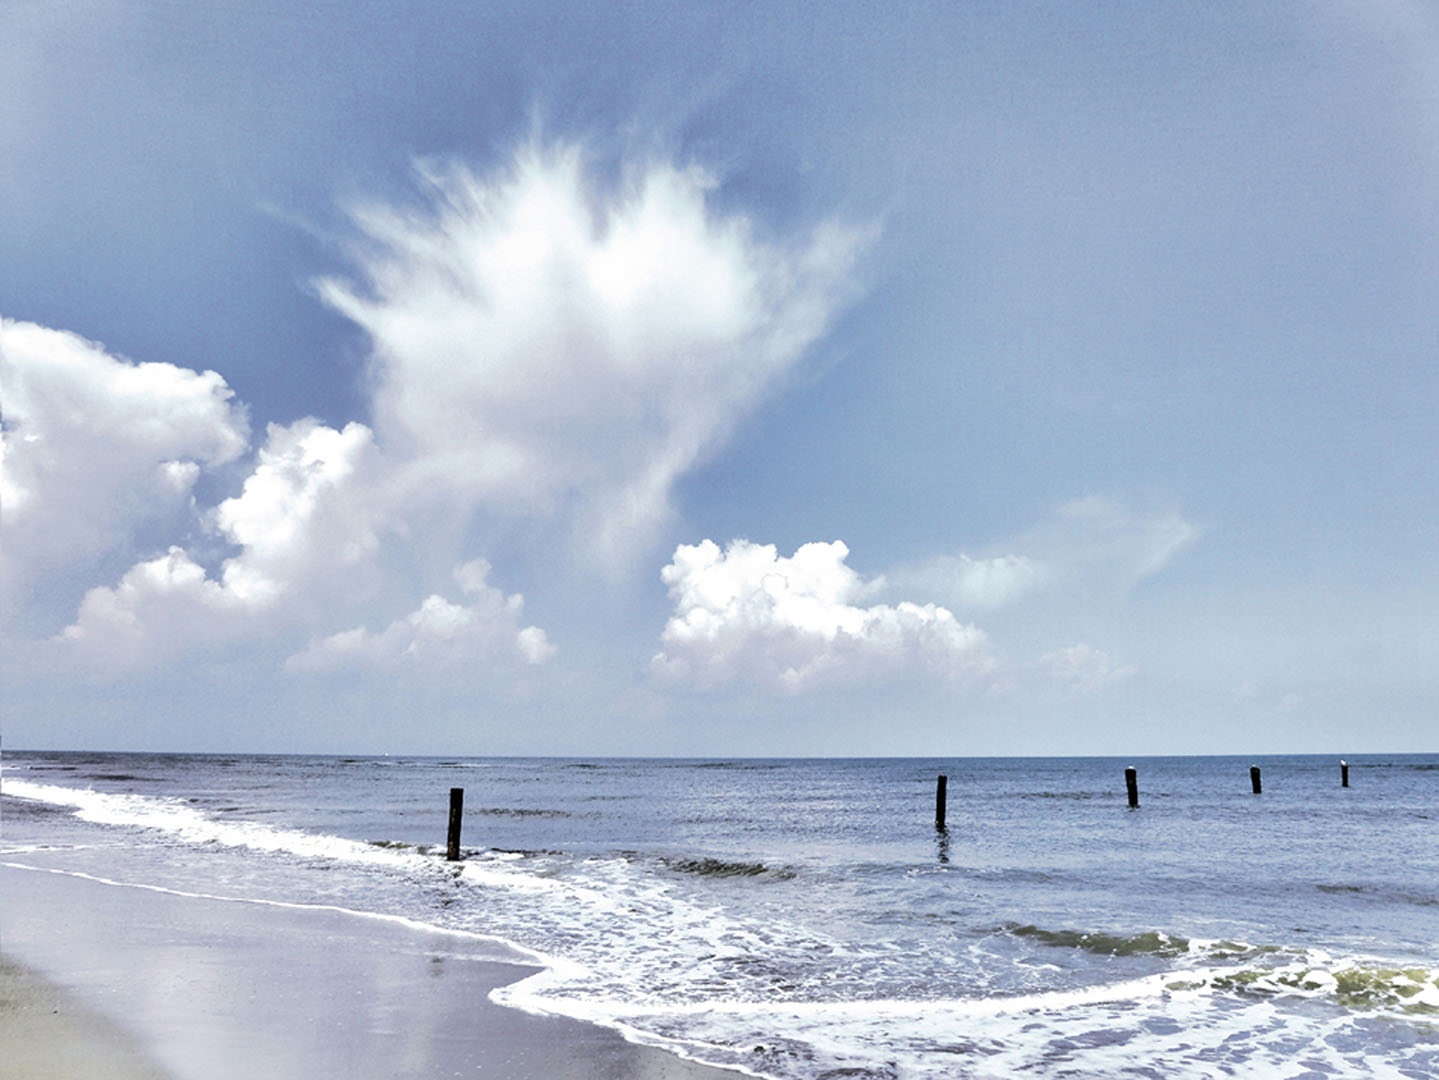 North_Sea_Water_037_N15.2.74